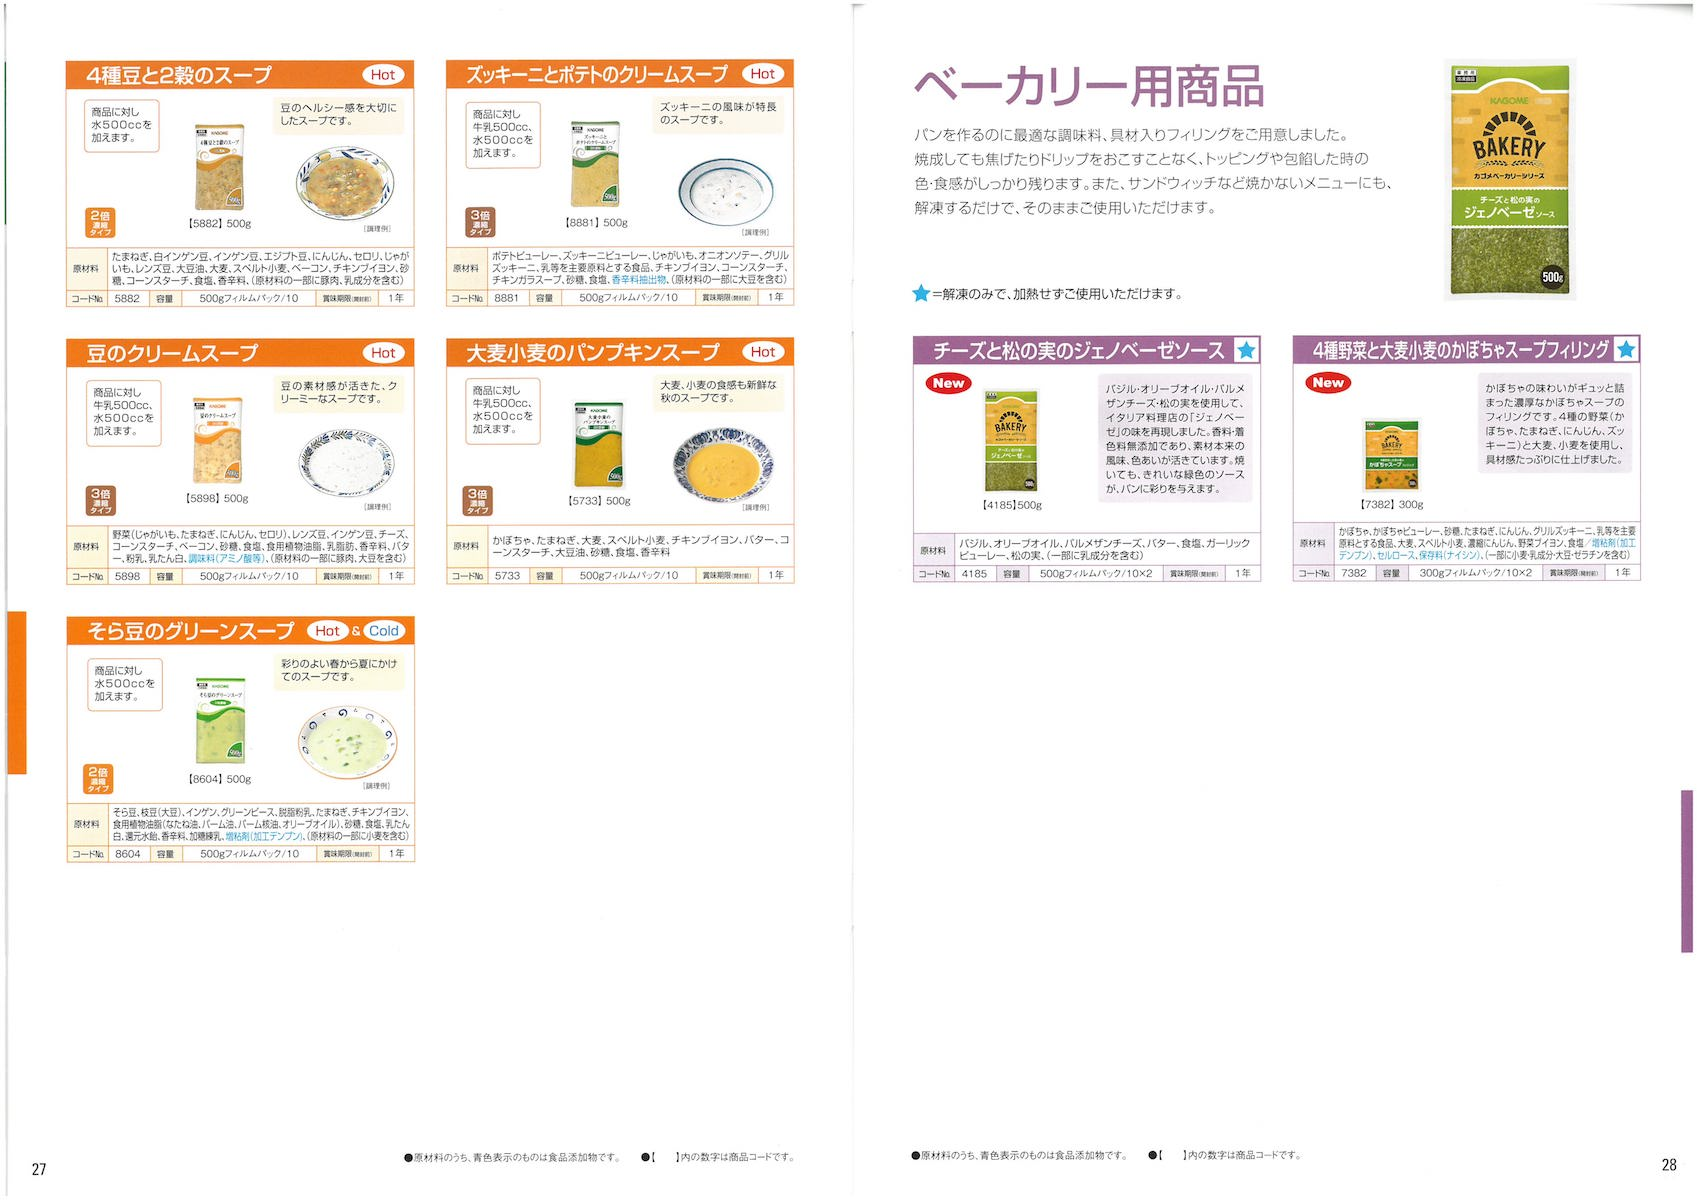 カゴメ業務用冷凍商品